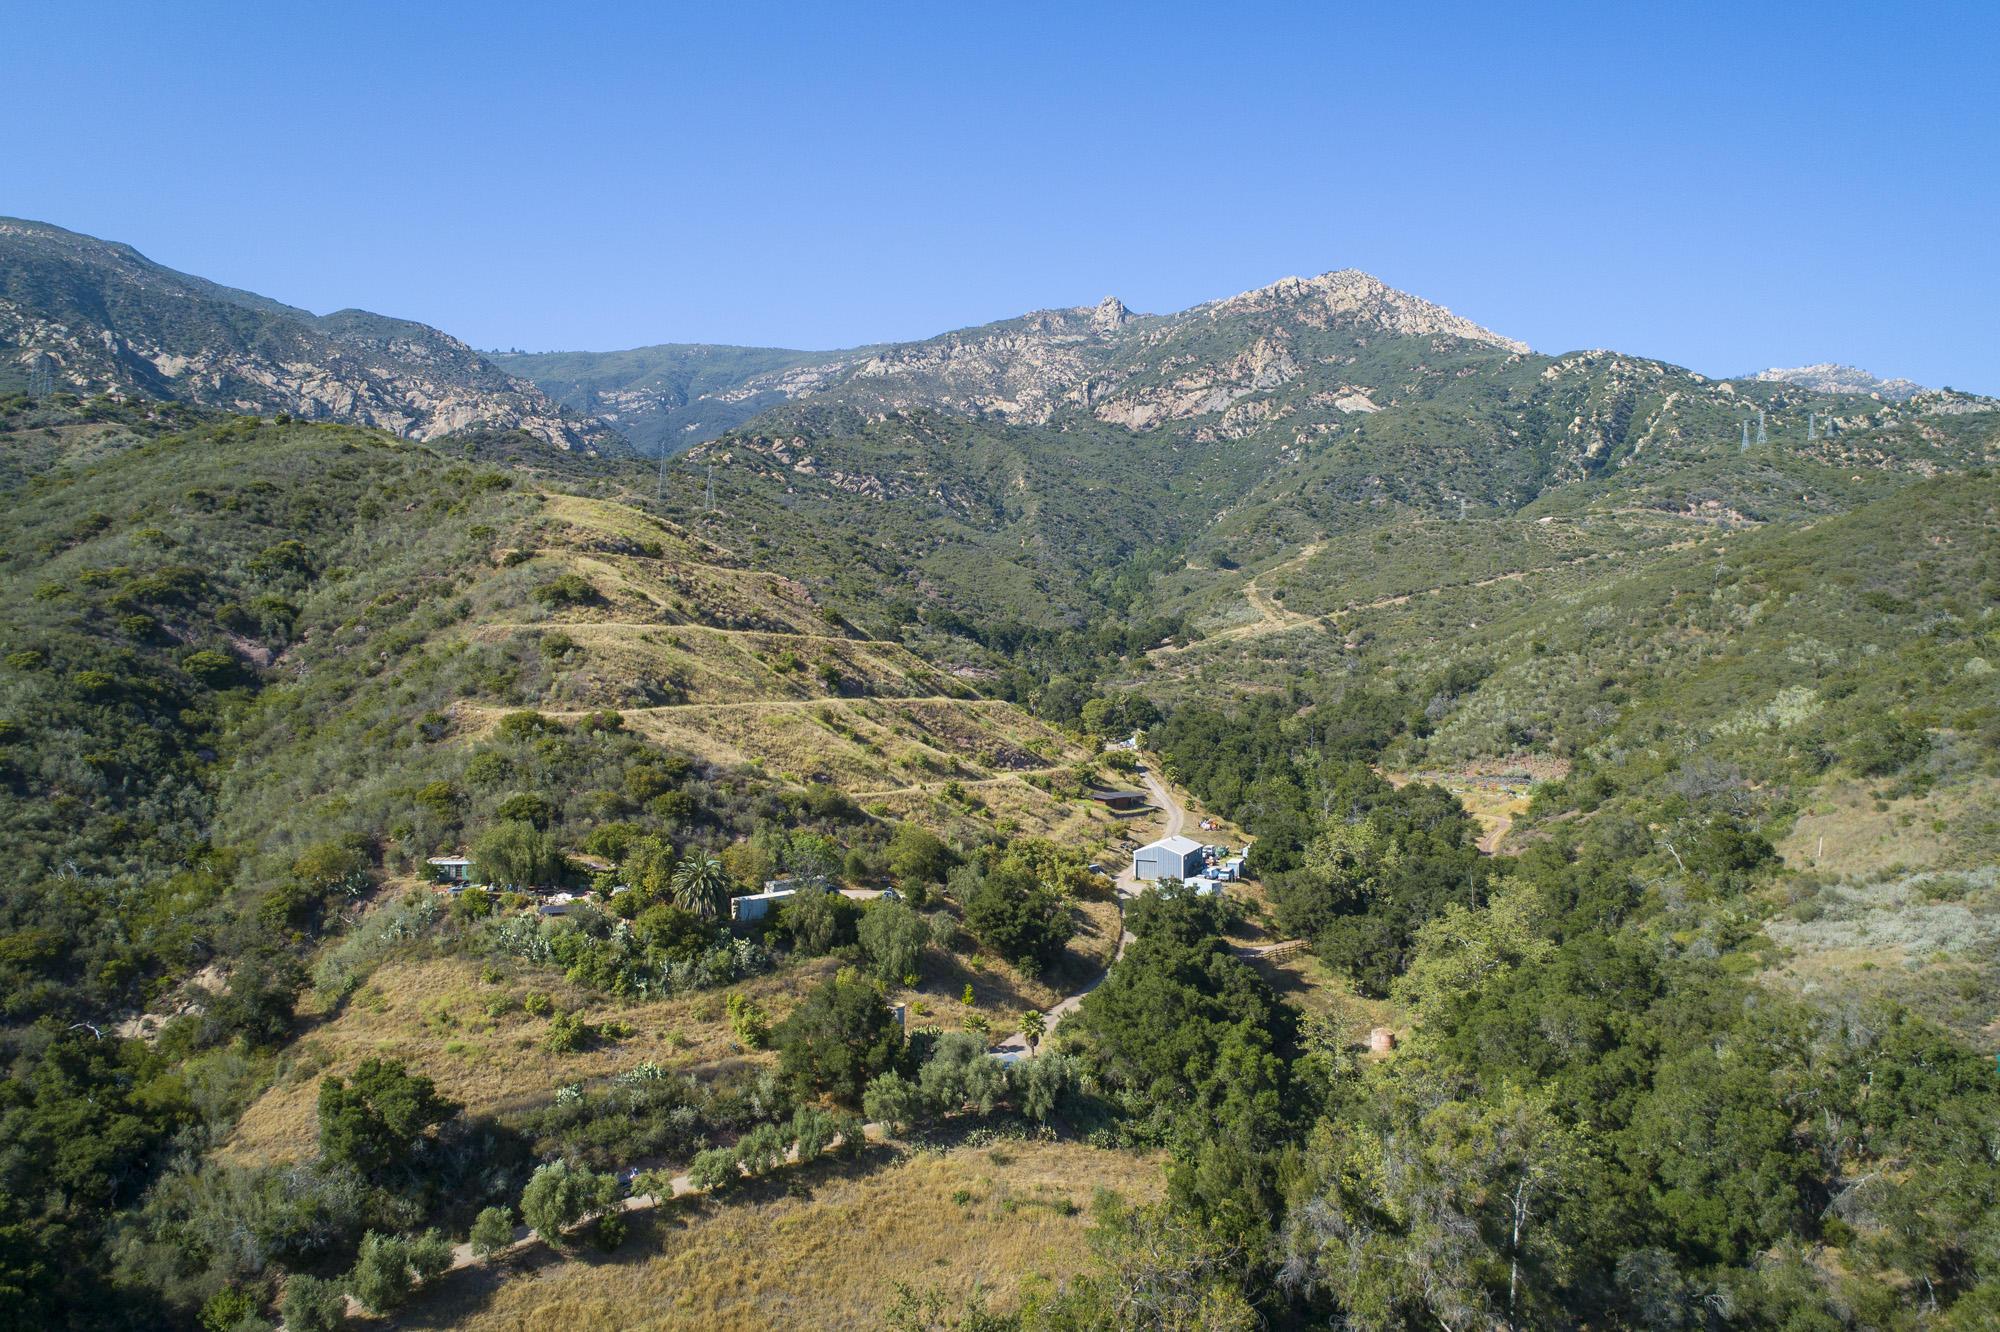 1560 N Ontare Rd, Santa Barbara, California